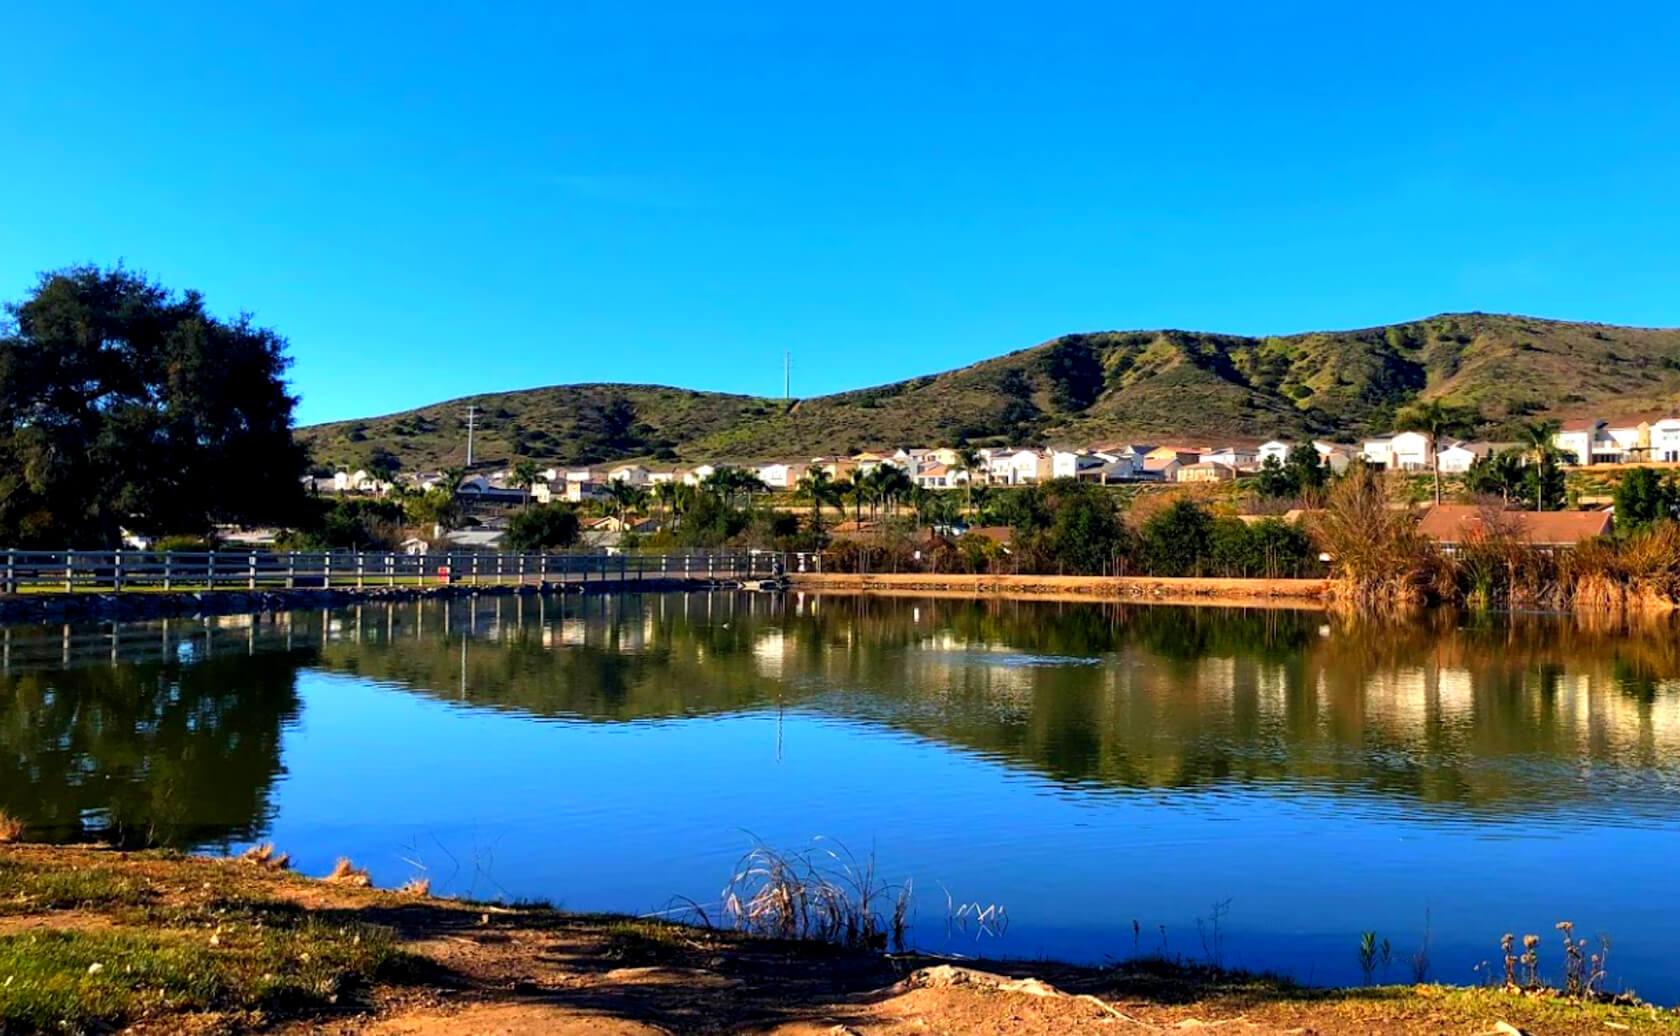 Santee-Lakes-Fishing-Guide-Report-California-03